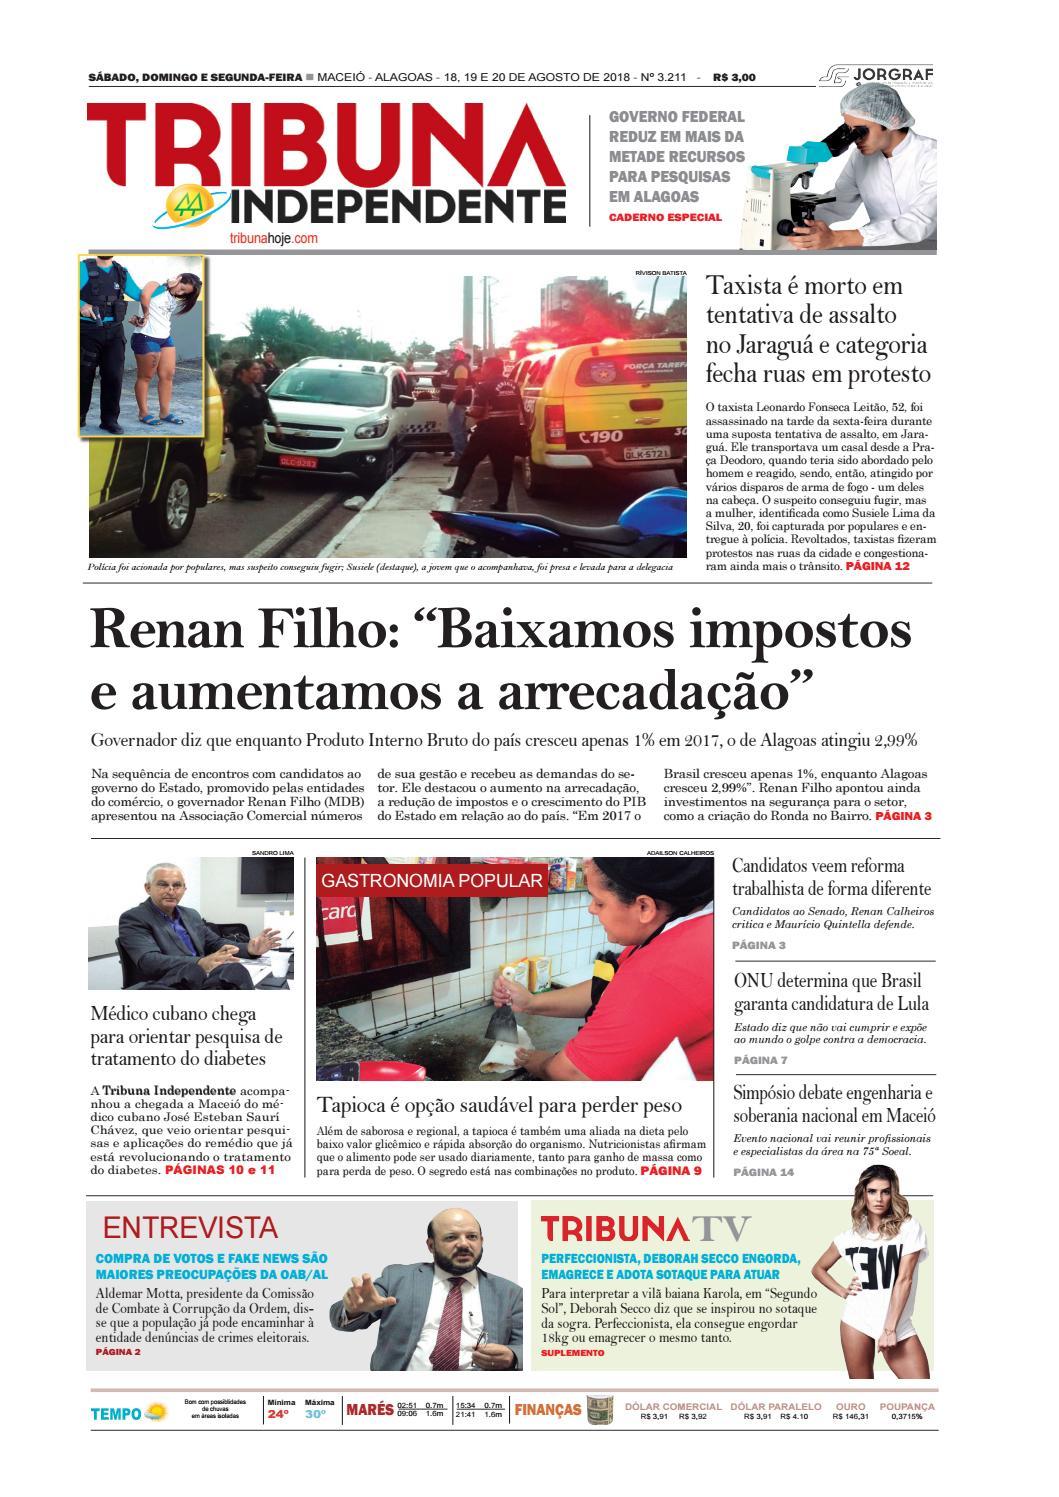 af4cd53c7 Edição número 3211 - 18 e 19 de agosto de 2018 by Tribuna Hoje - issuu